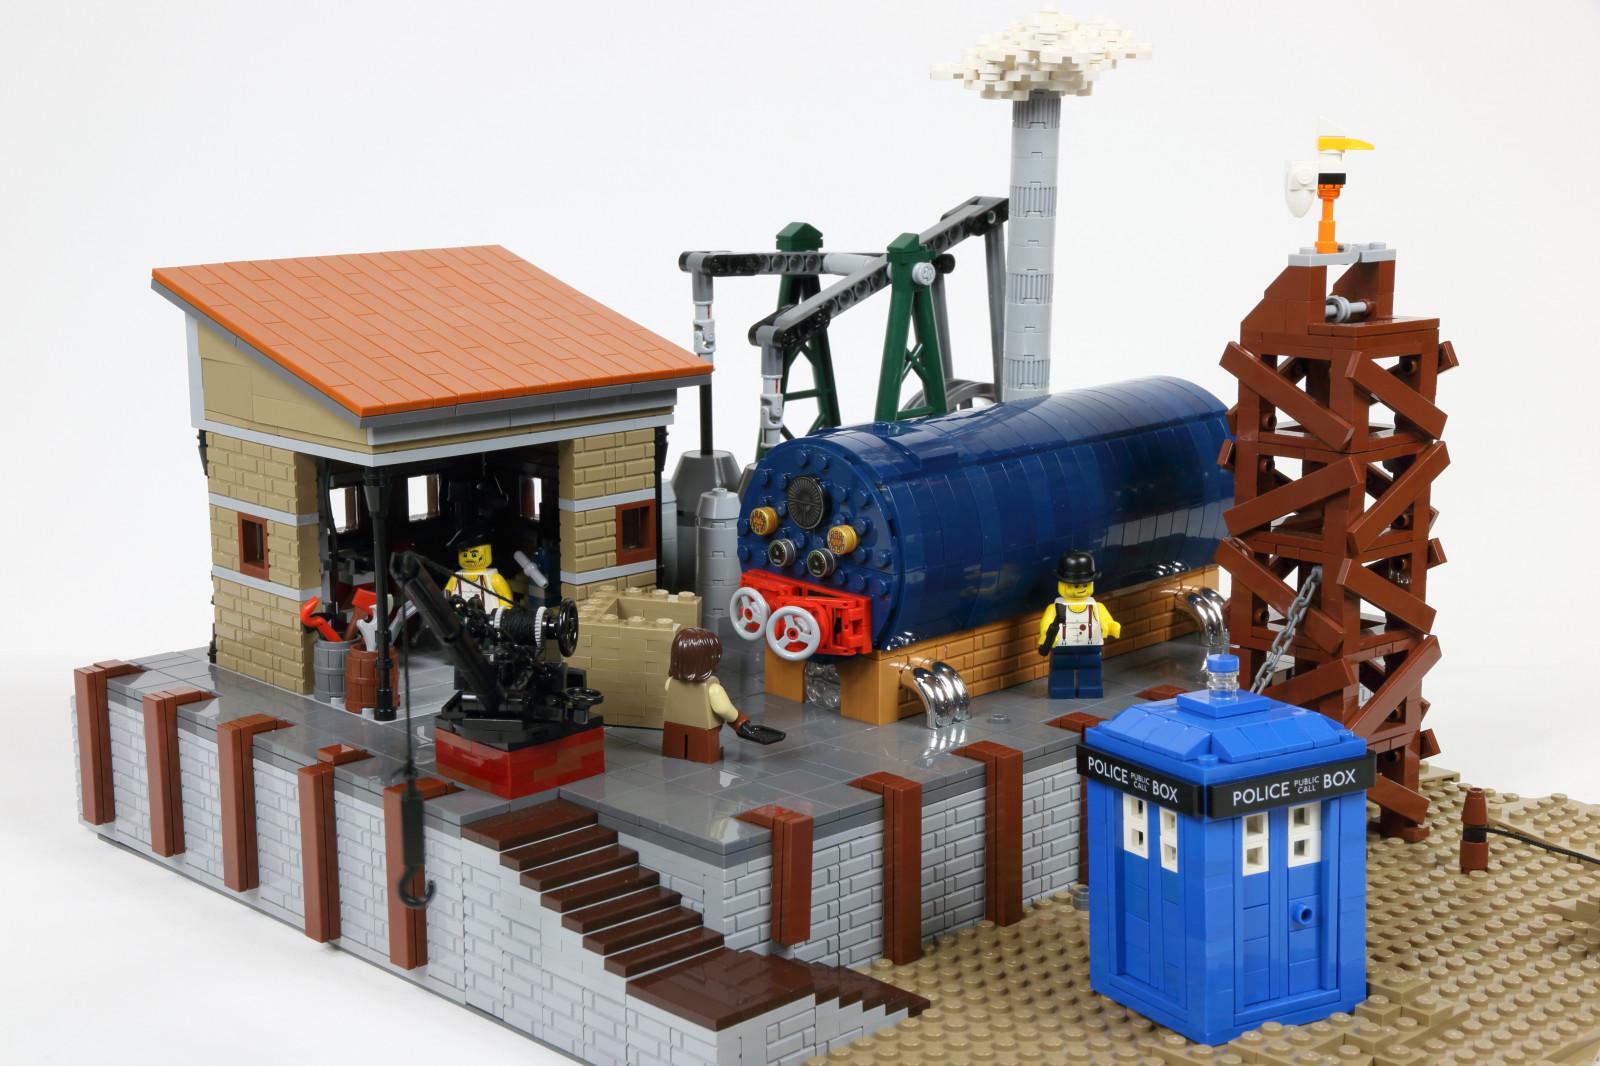 Hintergrundbilder : Zug, LEGO, Steampunk, Spielzeug, Kessel, Motor ...